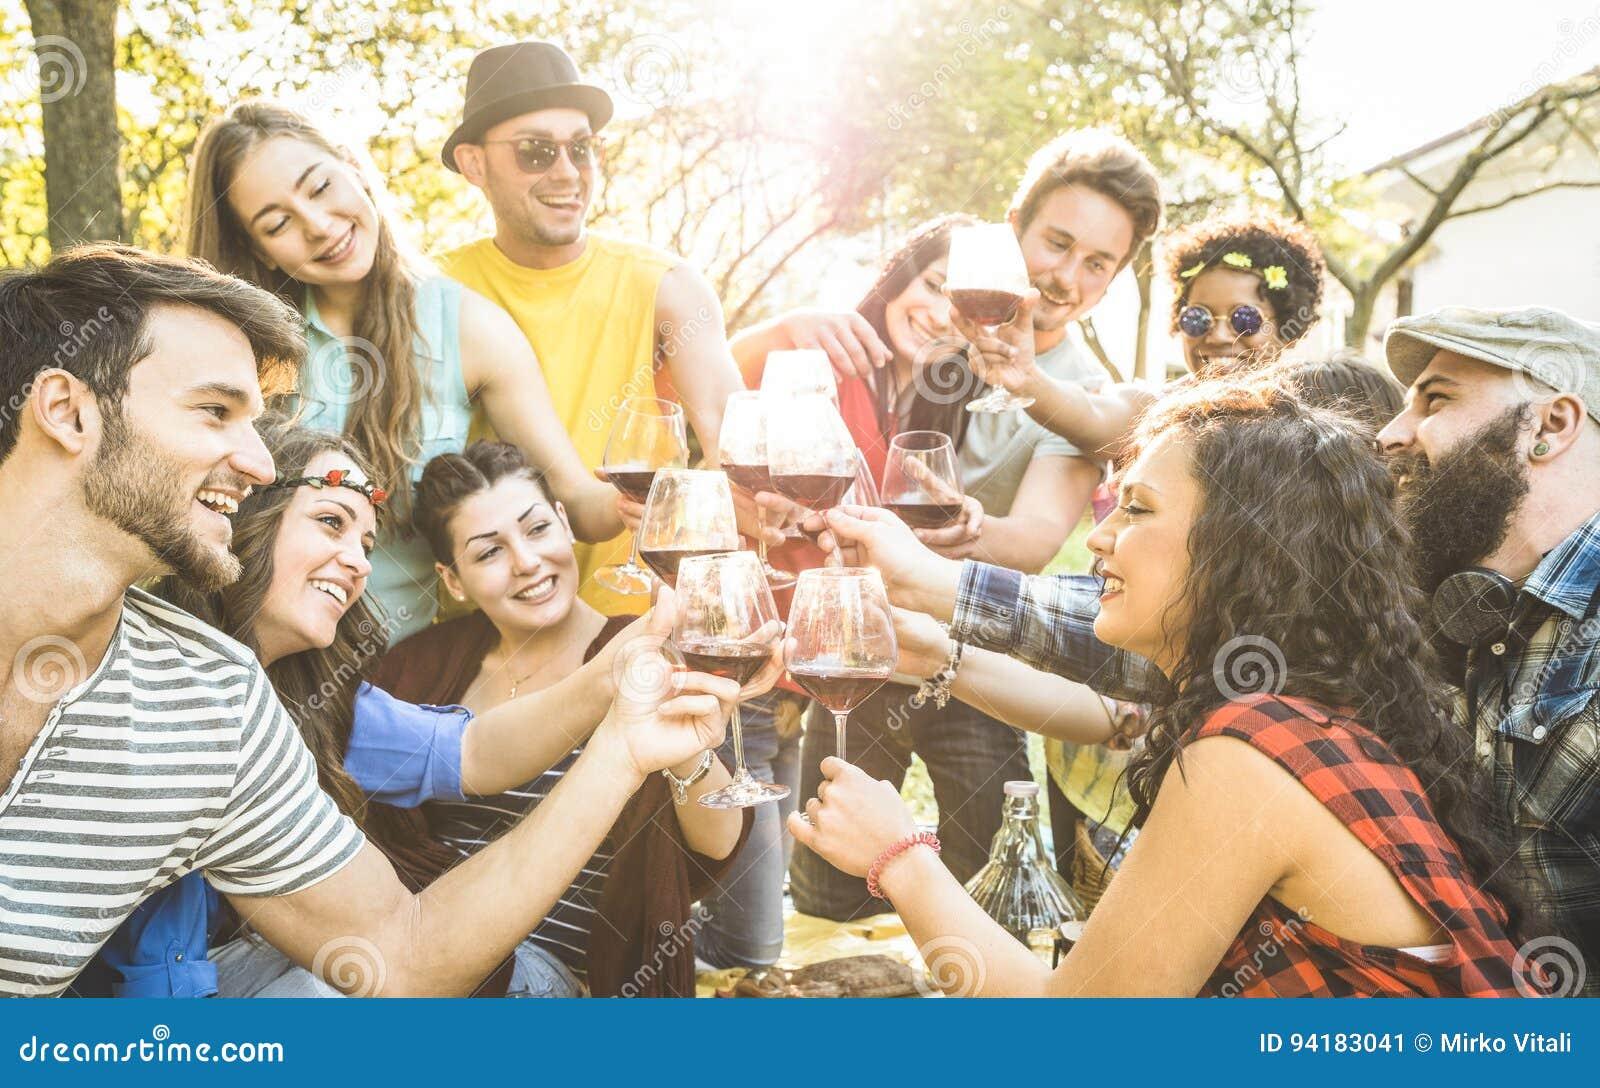 Grupa przyjaciele wznosi toast wino ma zabawę przy grilla ogrodowym przyjęciem